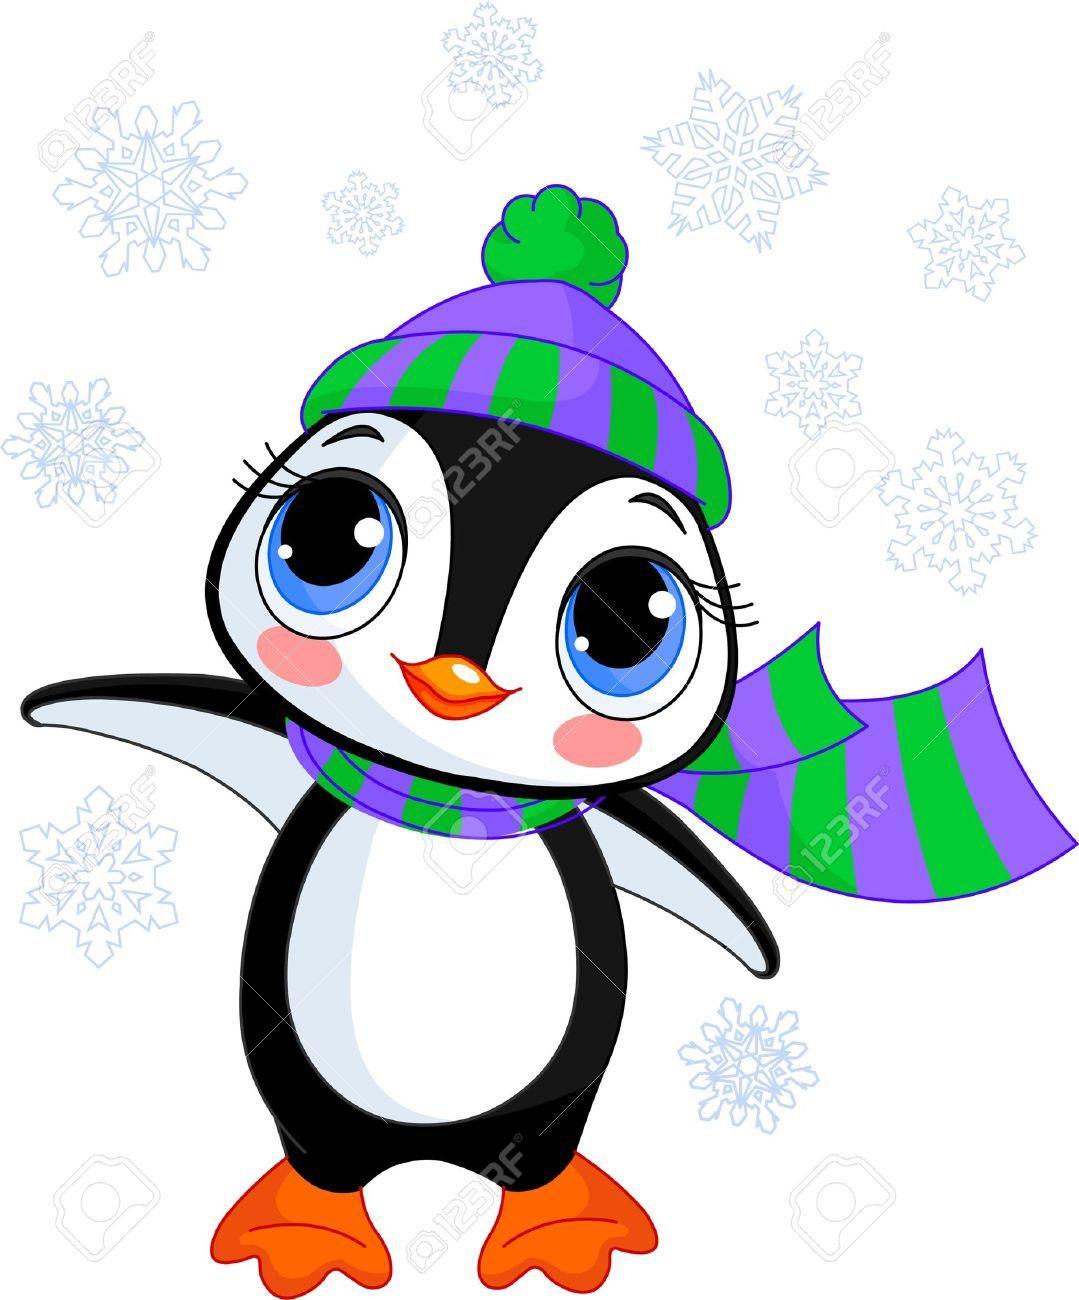 pinguinos para colorear | Dibujos de pinguinos, Pinguinos animados,  Imagenes de pinguinos animados